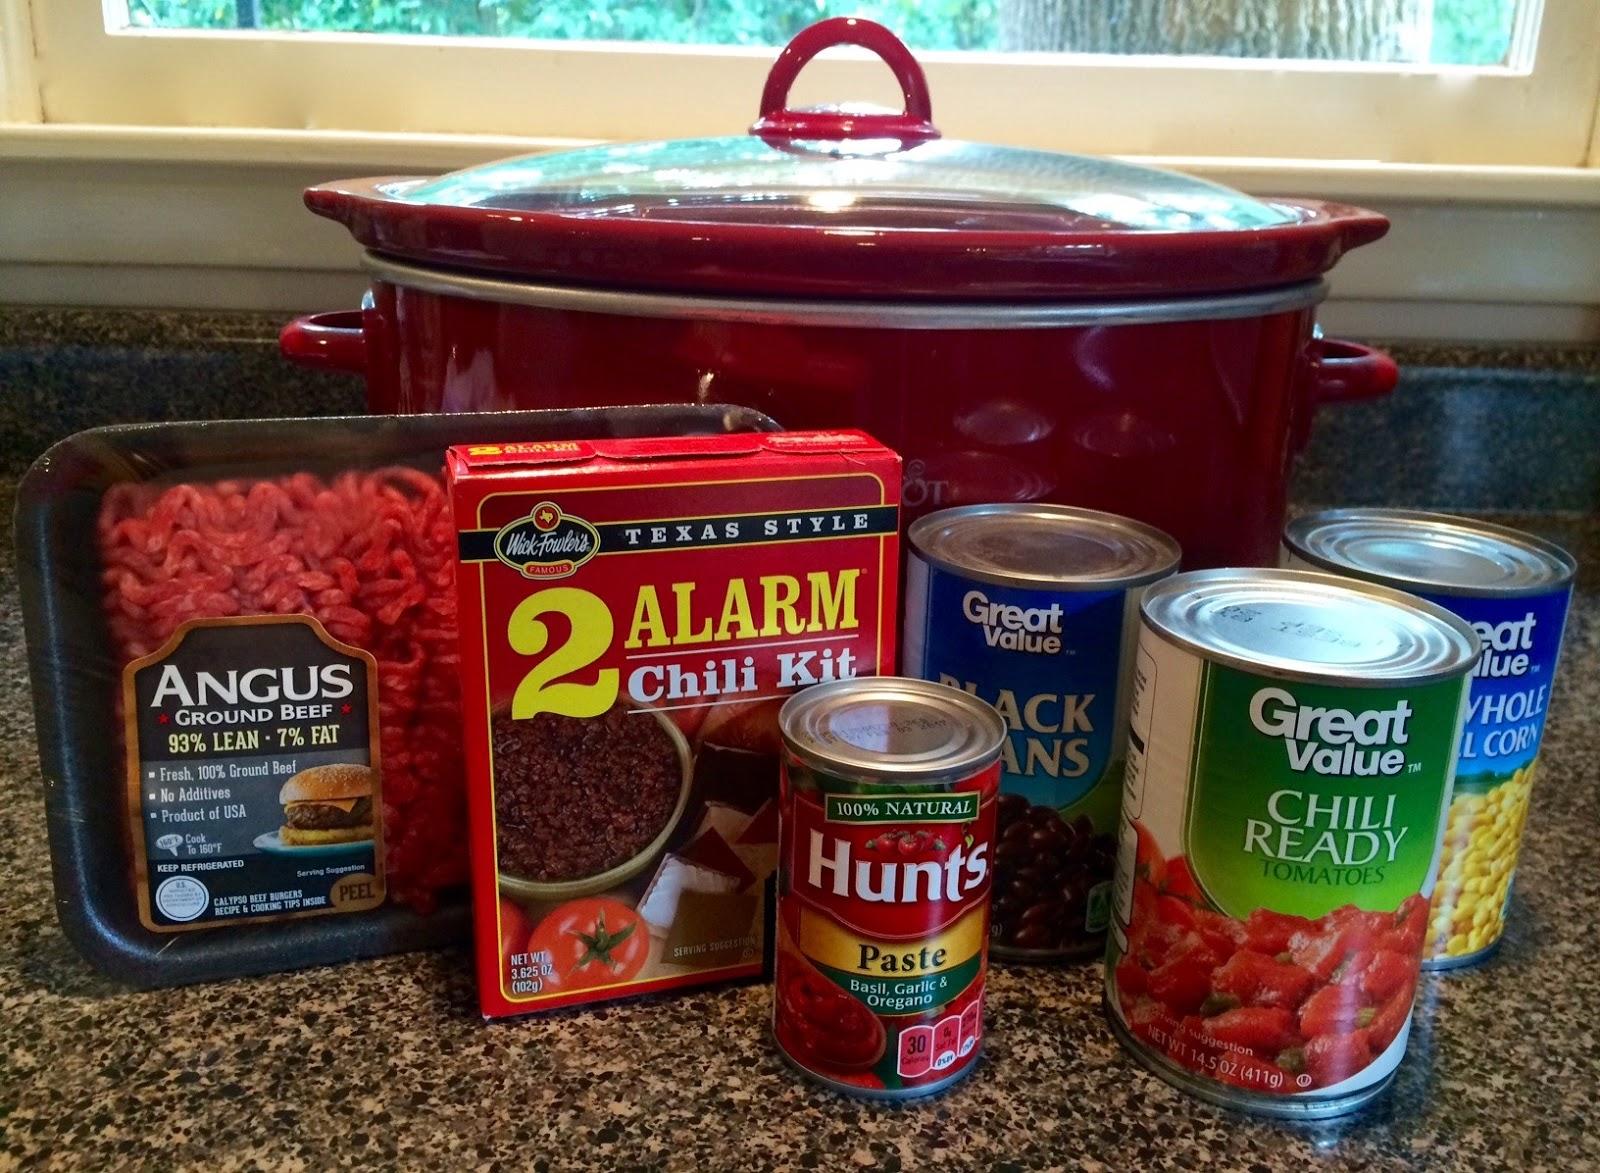 Recipe 2 Alarm Chili Recipe With Beans 36